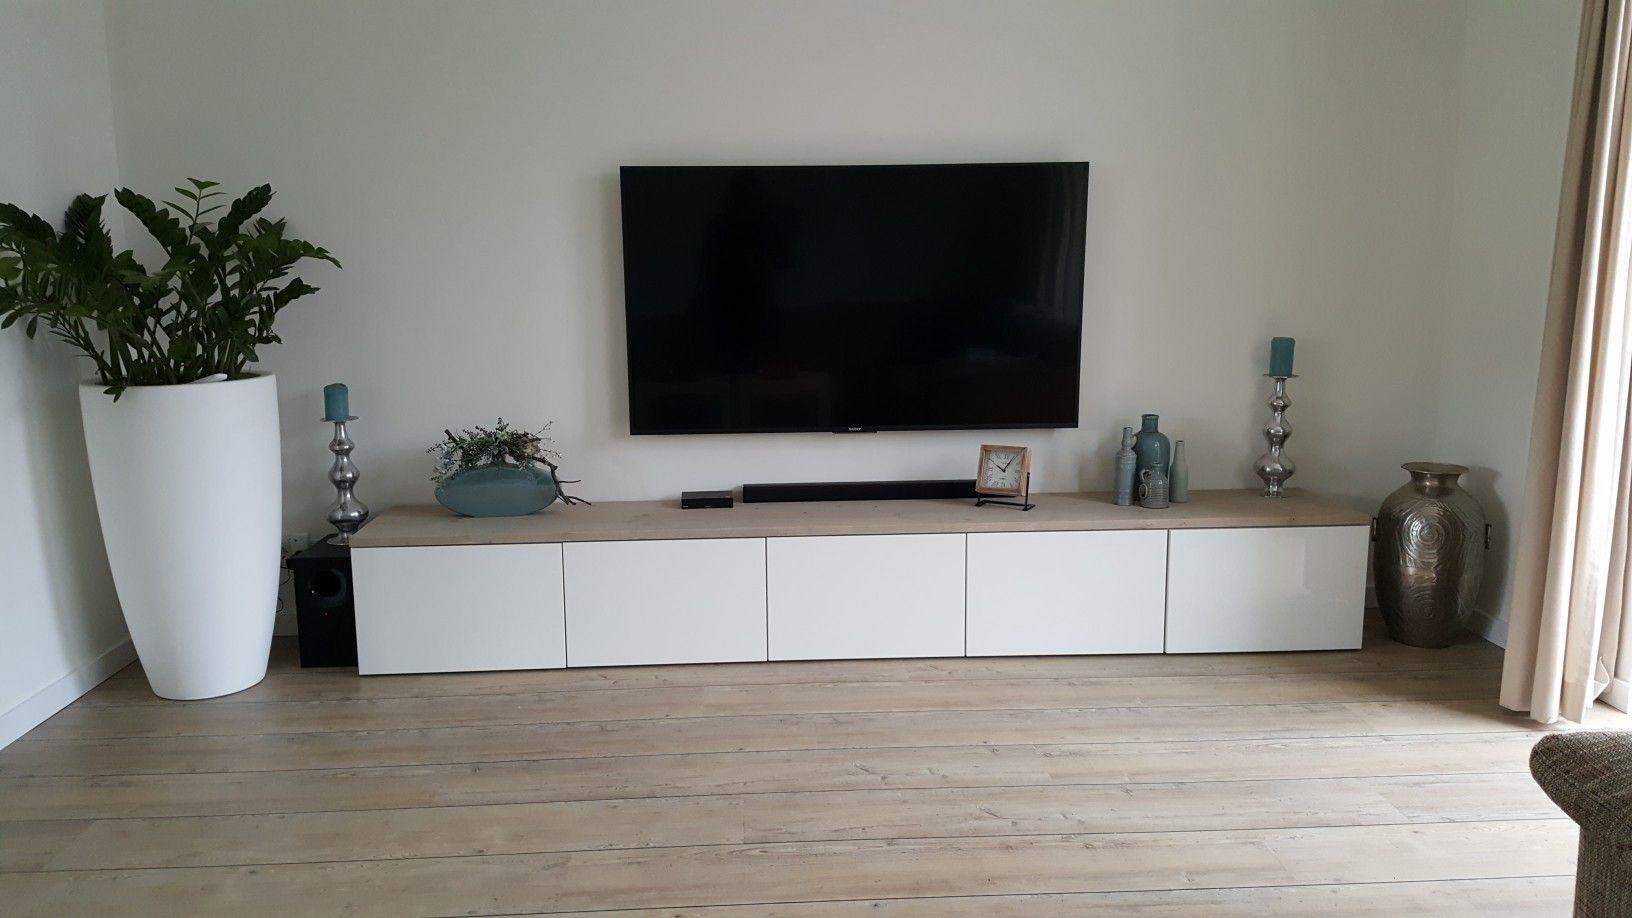 Tv Kast Ikea : Ikea bestä tv kast interior in home decor